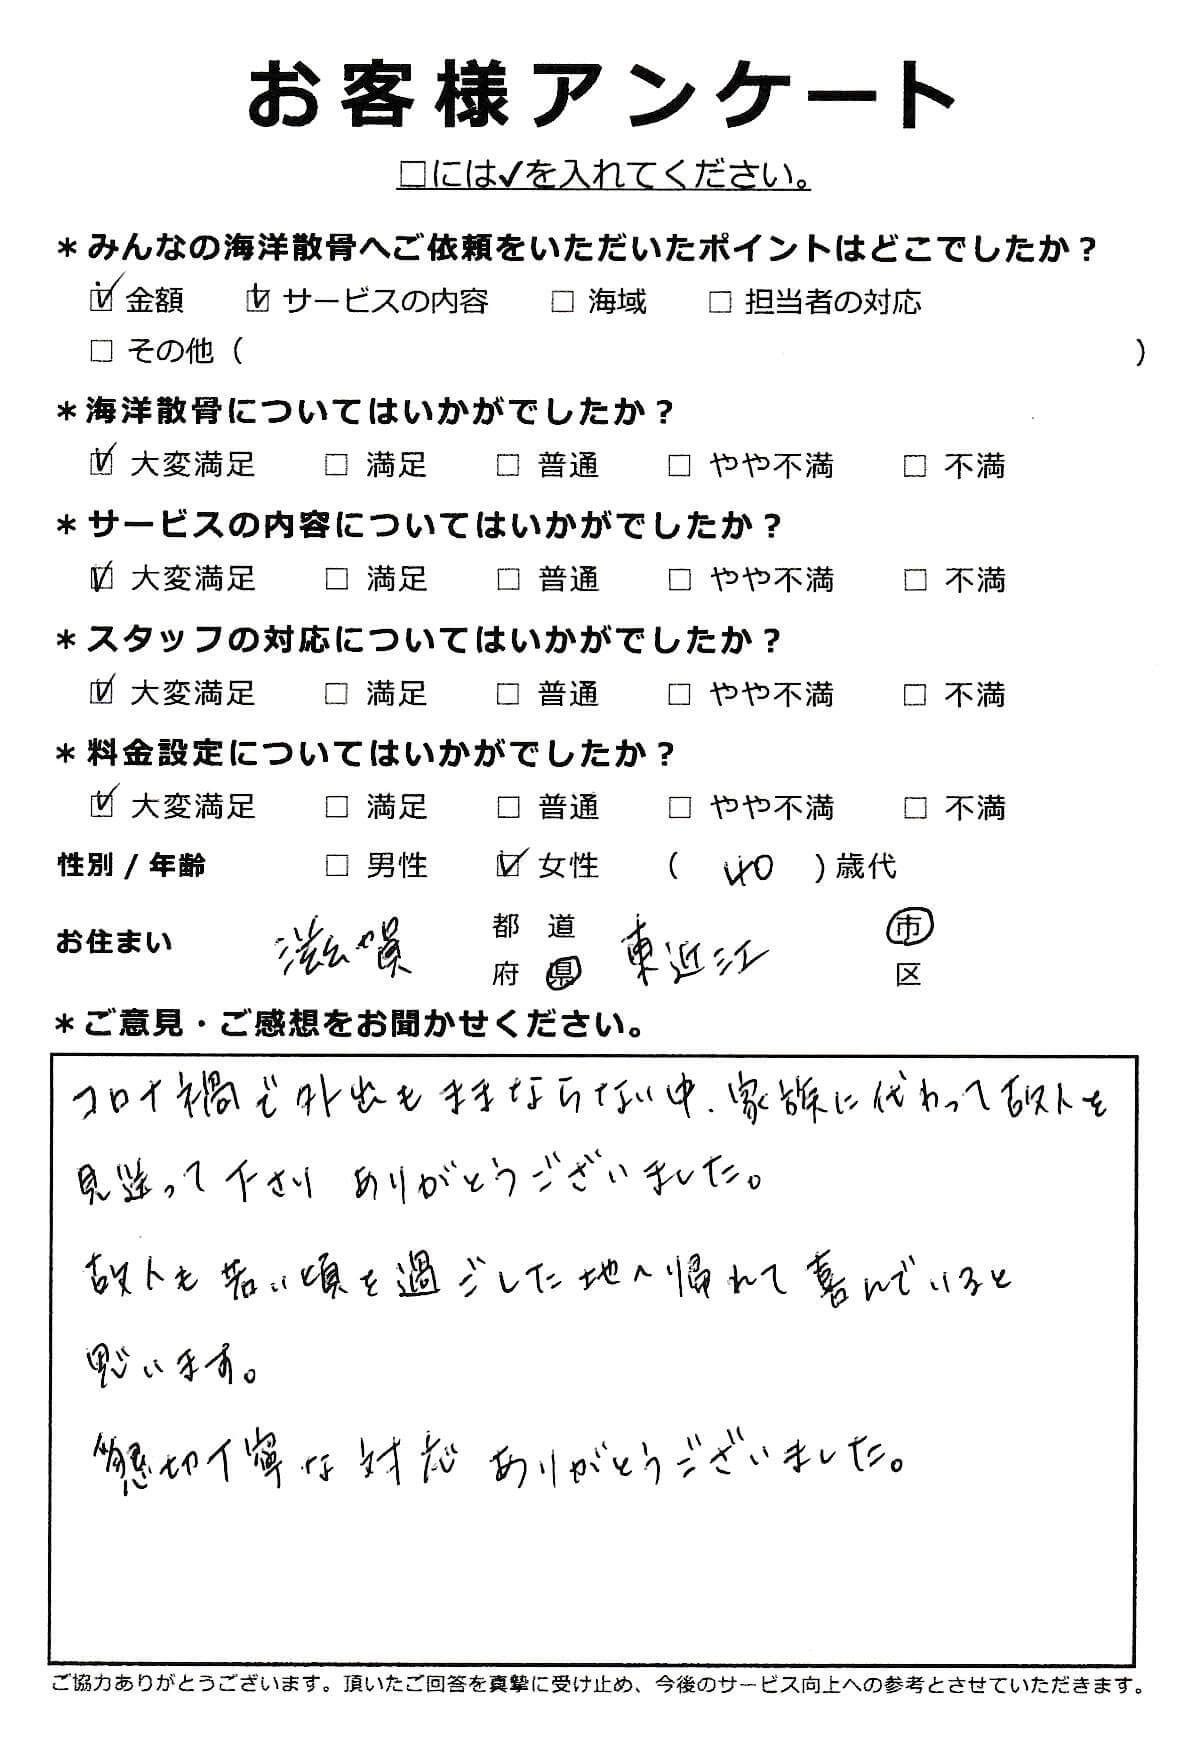 滋賀県 東近江市 40代女性 代行委託散骨